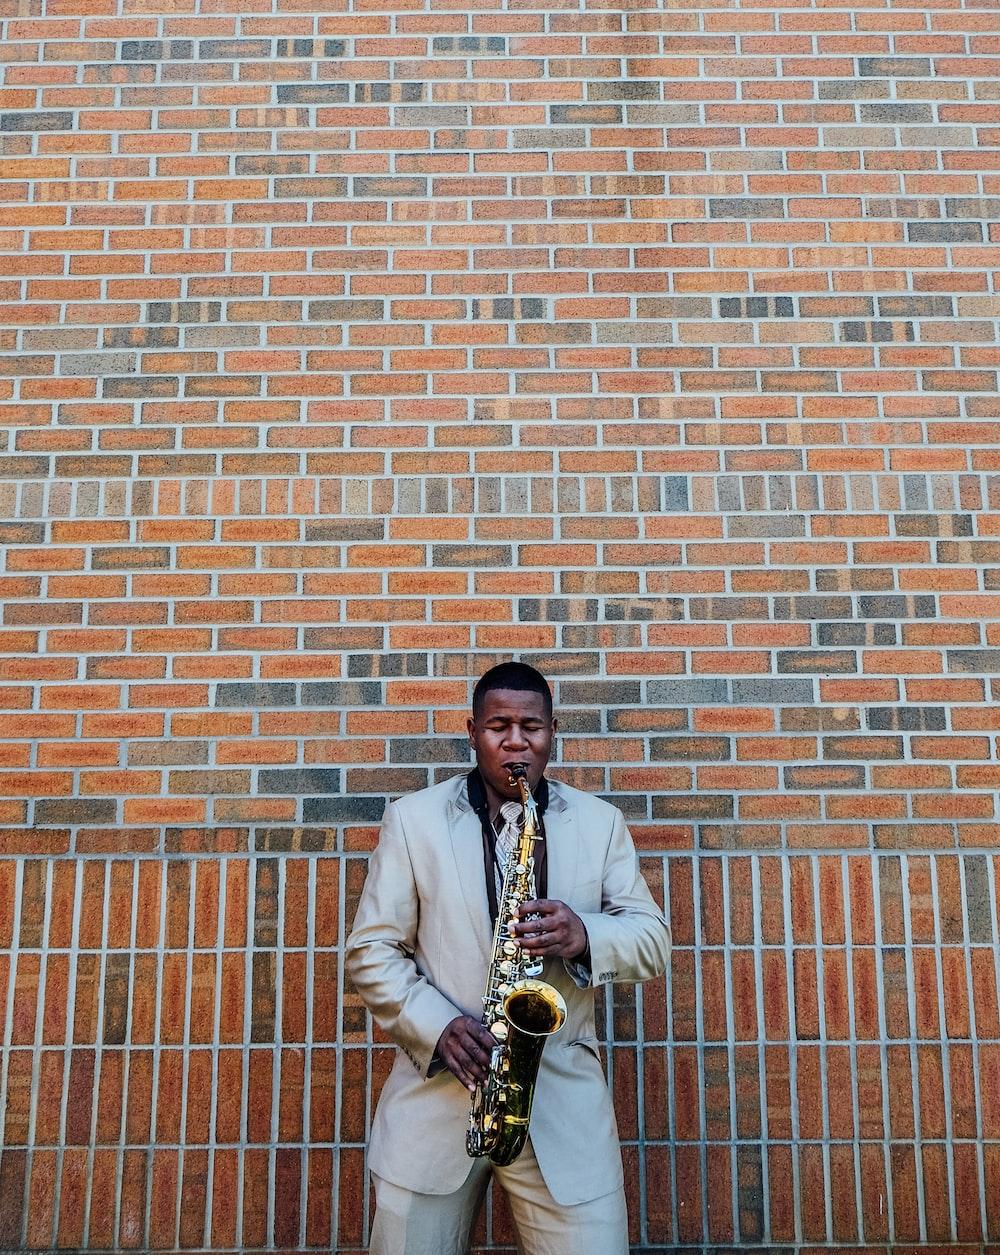 man playing saxophone near concrete brick